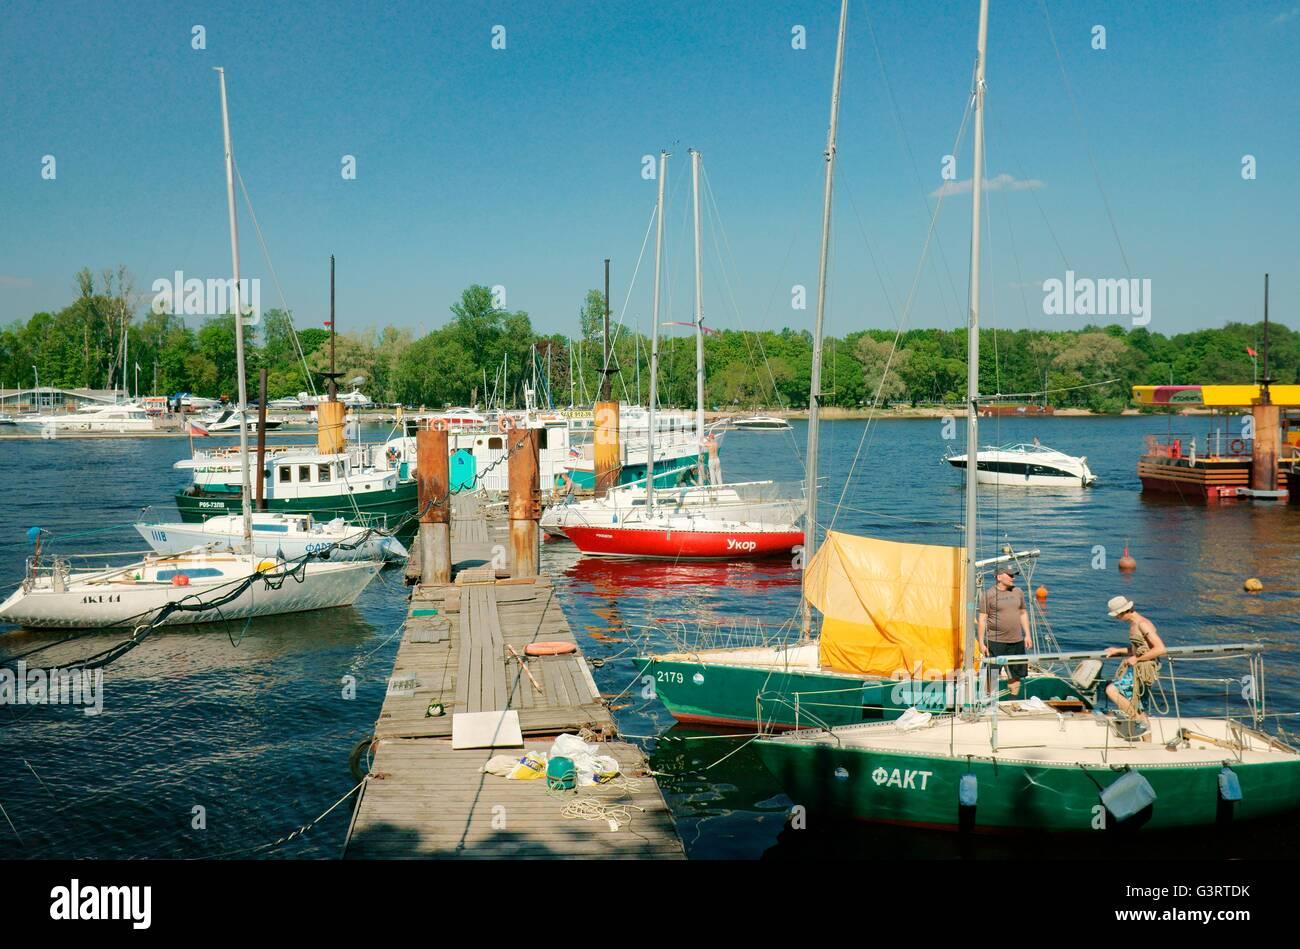 Petrovsky tsekhgauz, yacht club on the river Voronezh 54